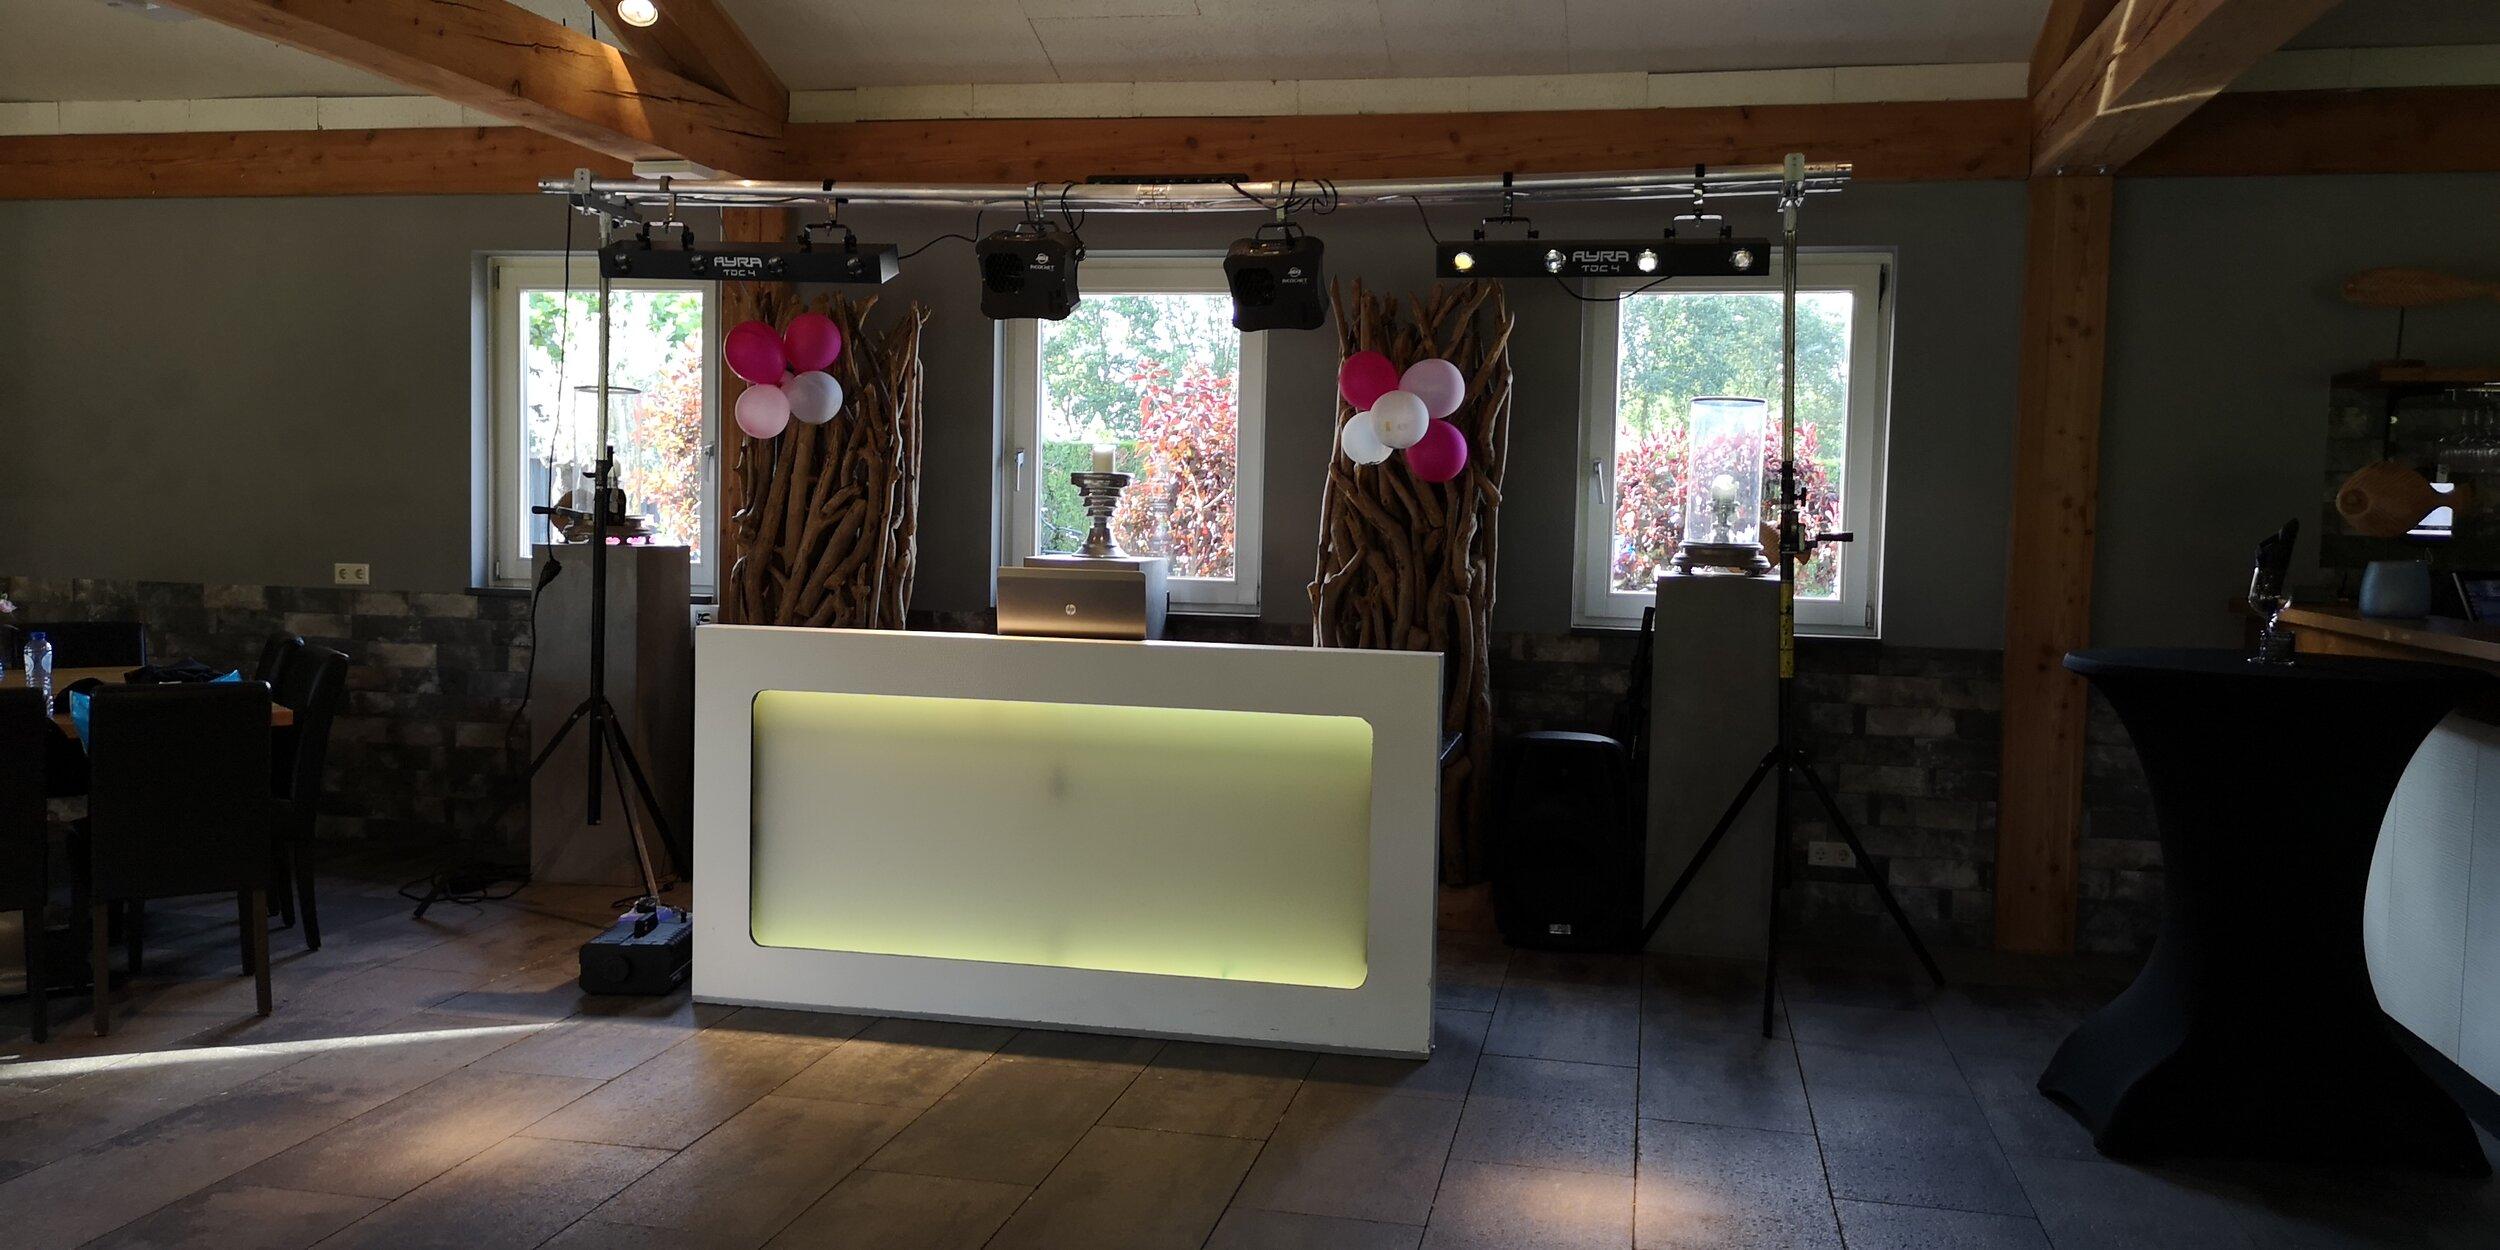 DJ-inhuren-feest-apparatuur-01.jpg